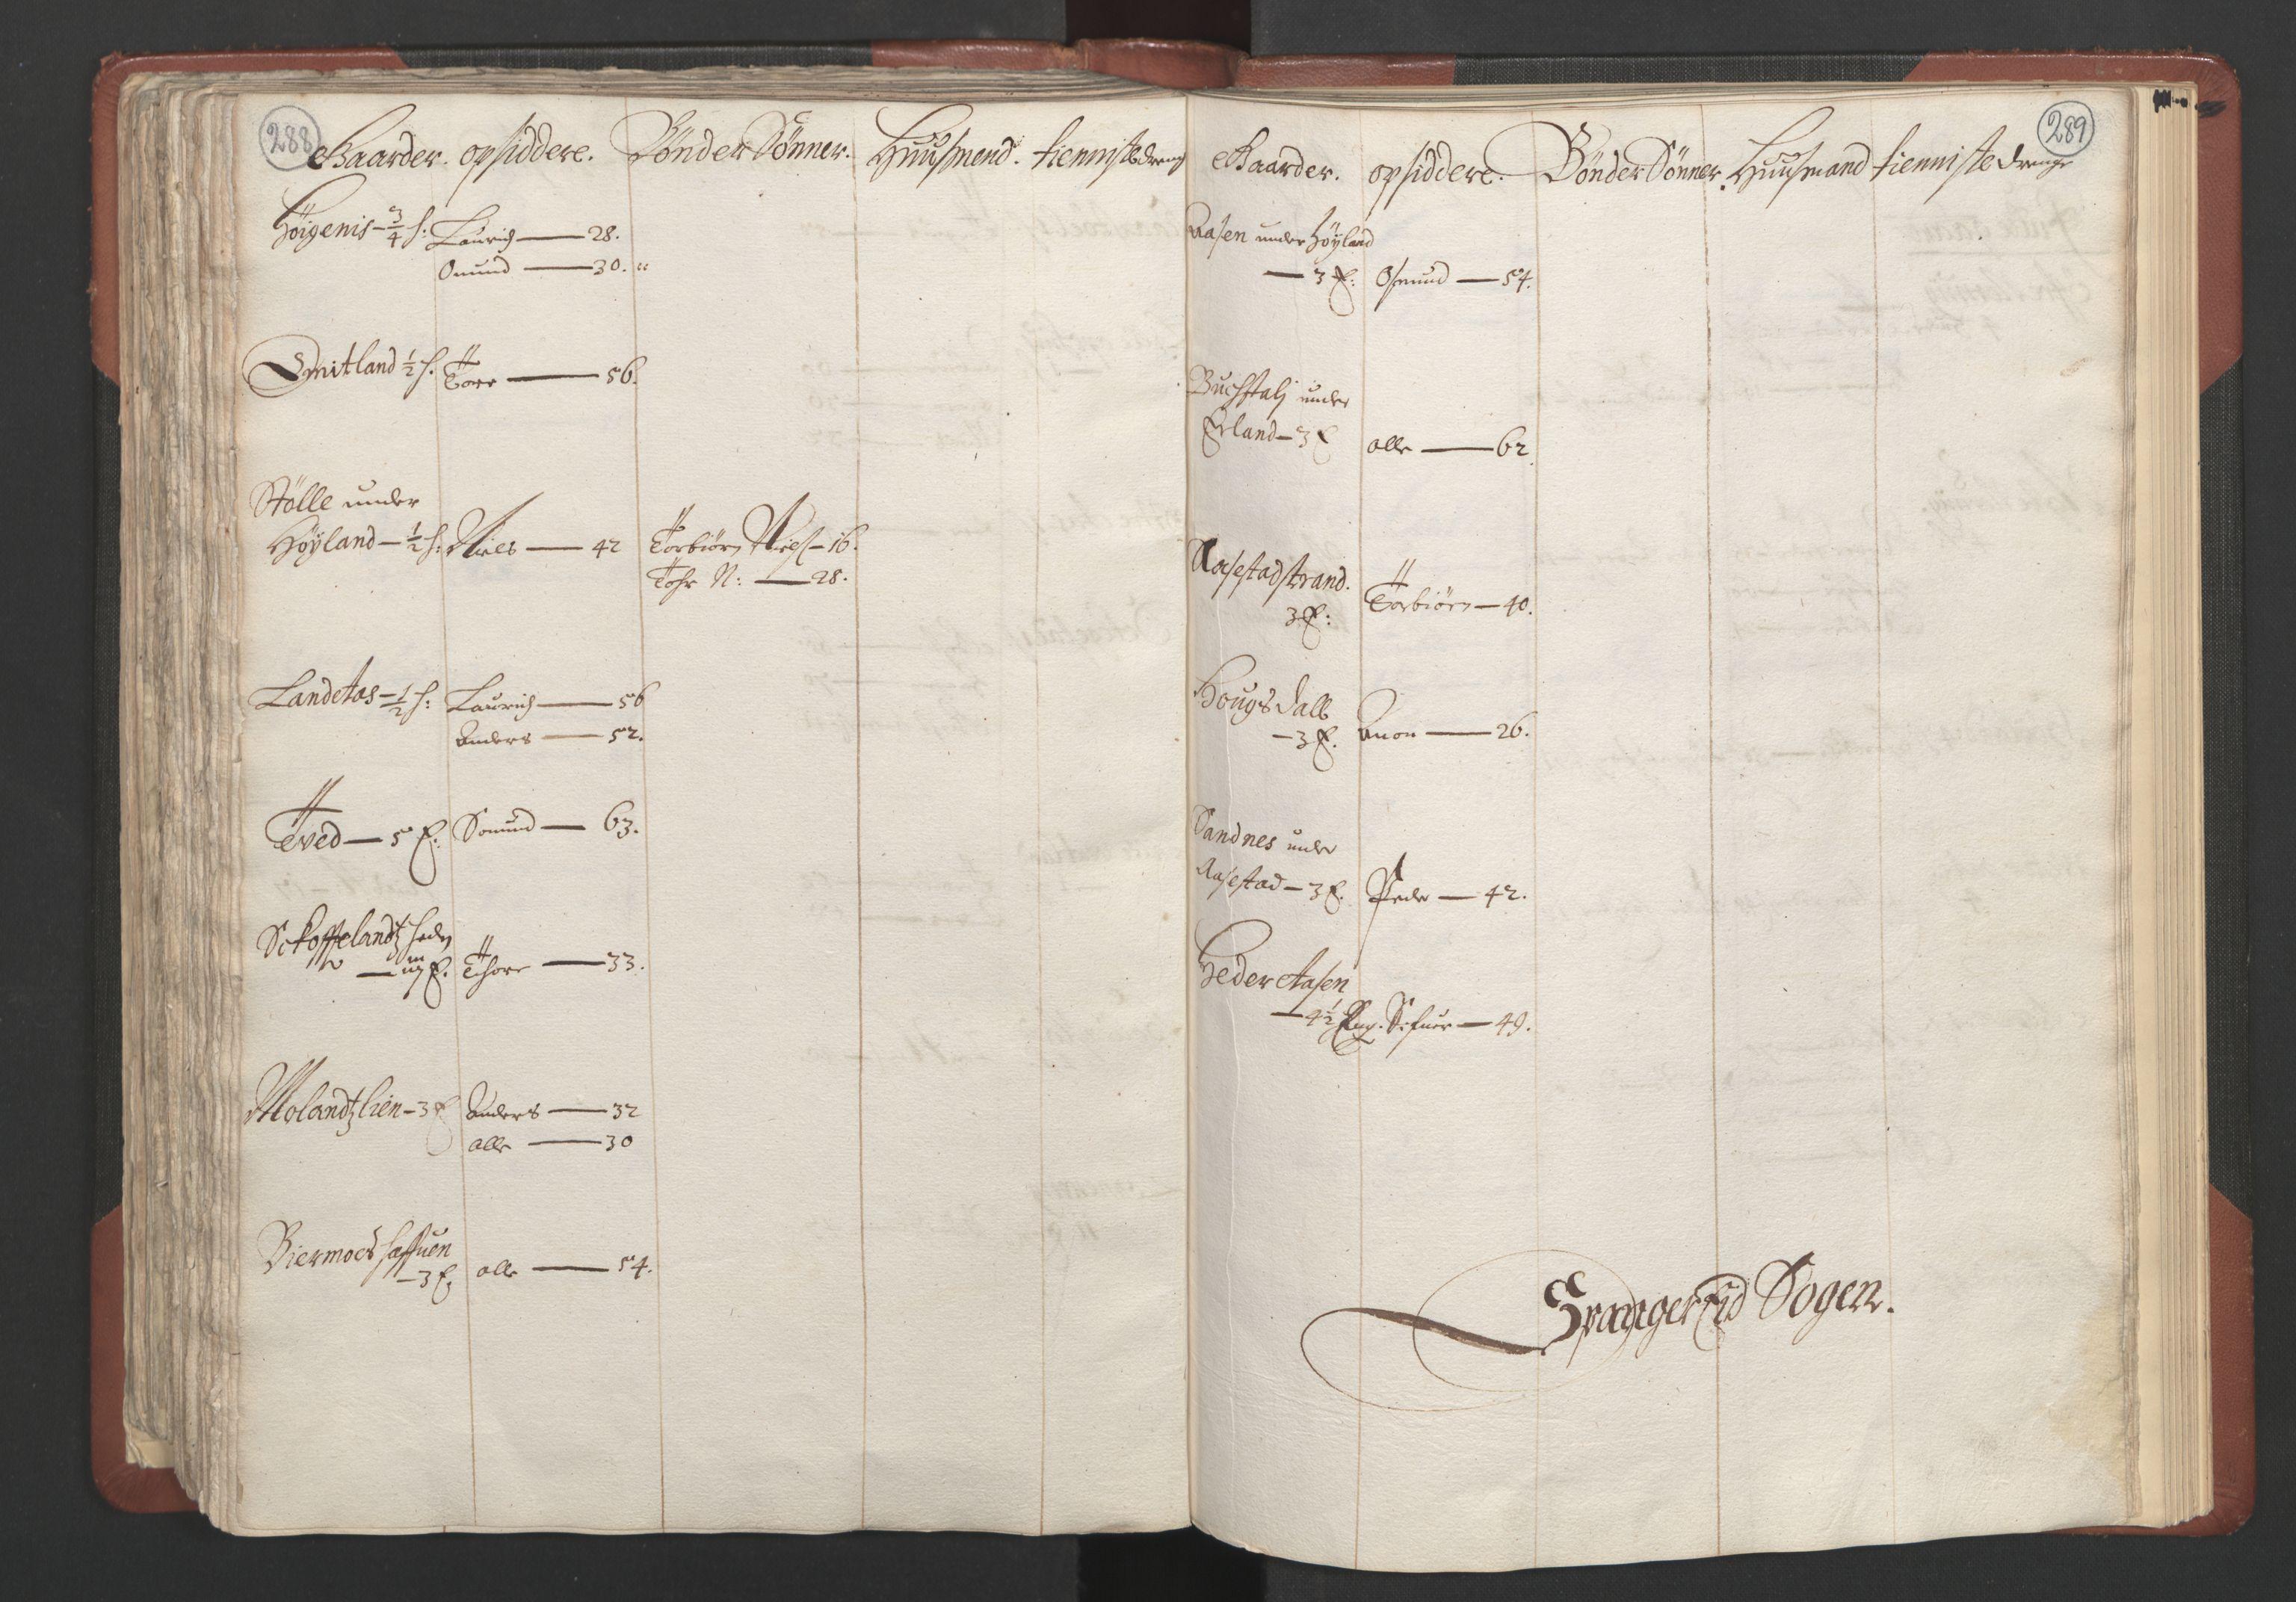 RA, Fogdenes og sorenskrivernes manntall 1664-1666, nr. 10: Lista len, 1664, s. 288-289